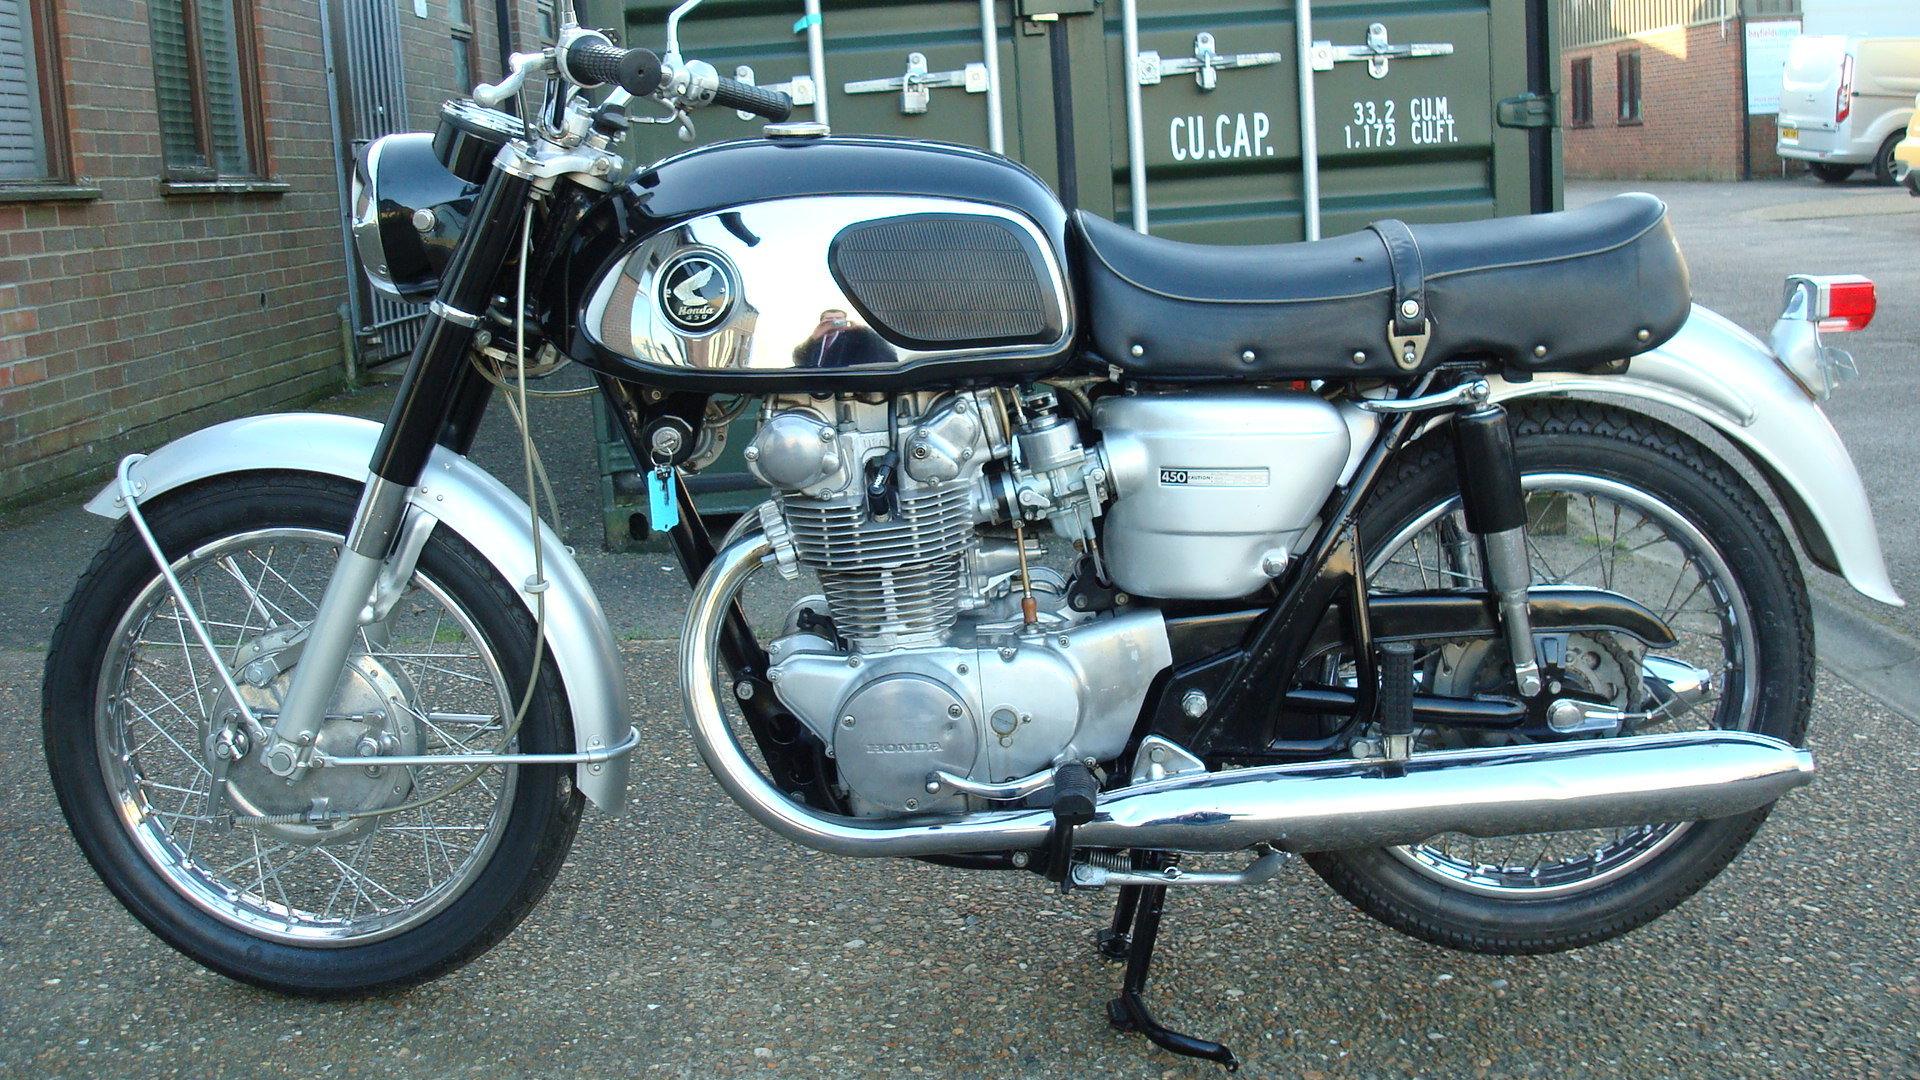 1968 Honda CB 450 K0 BLACK BOMBER 1969-G *UN-RESTORED* For Sale (picture 6 of 6)